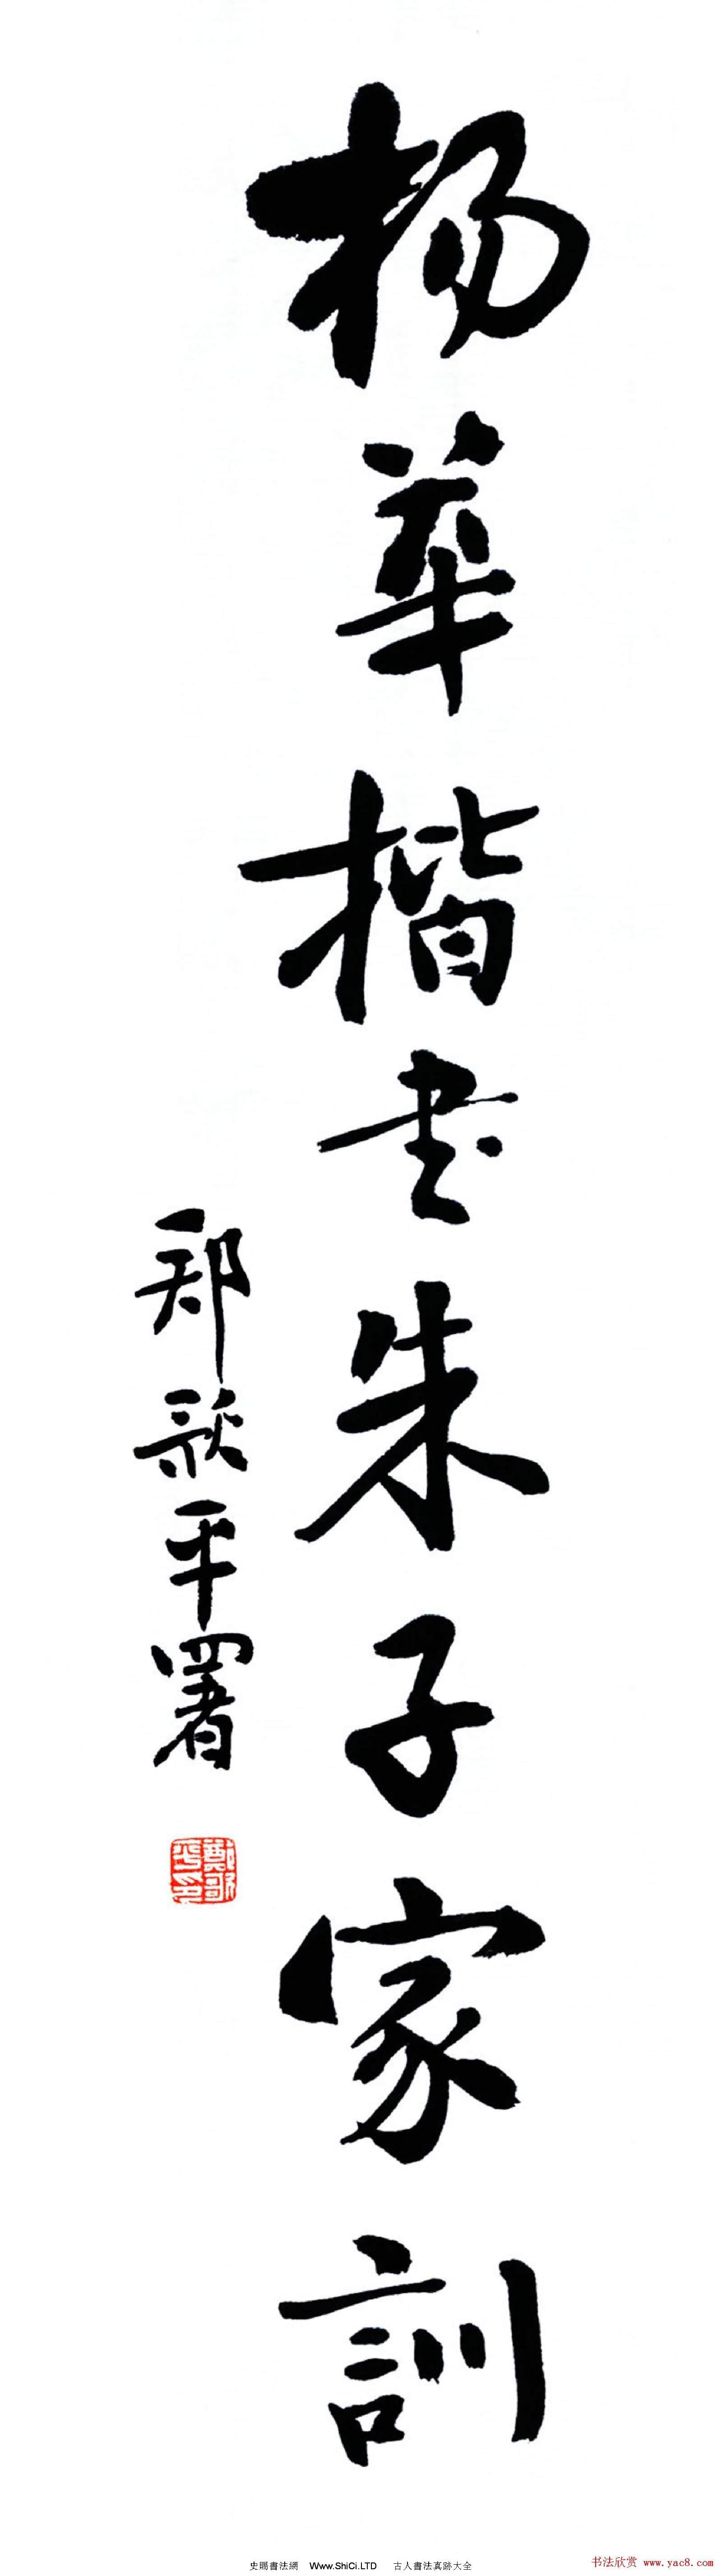 楊華楷書欣賞《朱子家訓》